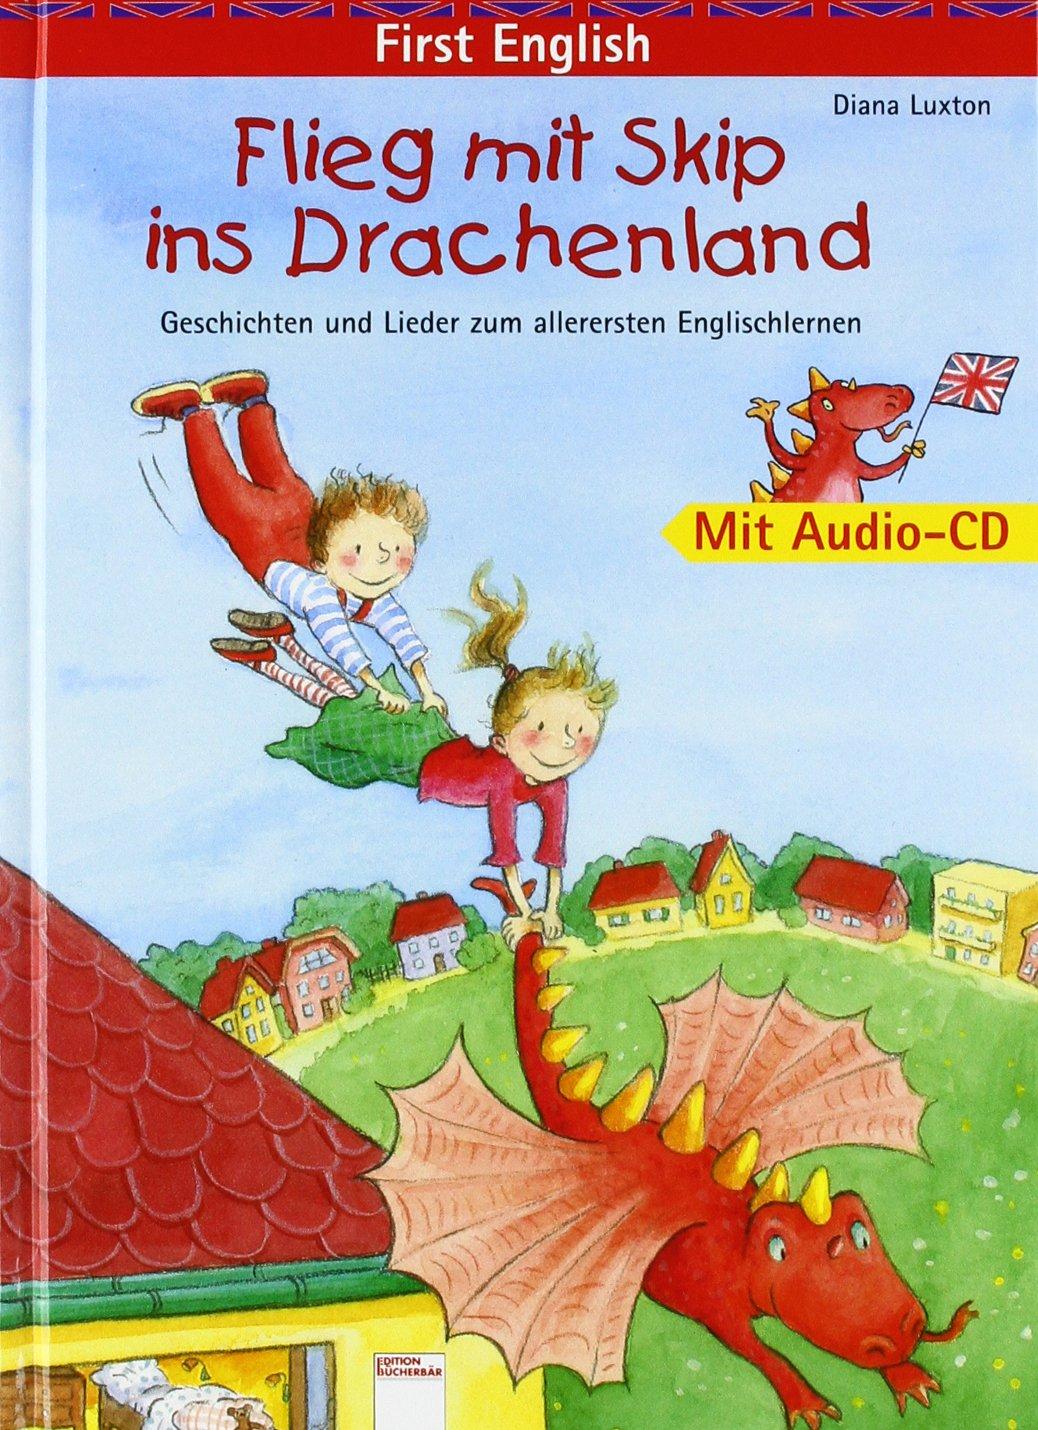 First English: Flieg mit Skip ins Drachenland: Geschichten und Lieder zum allerersten Englischlernen. Mit Audio-CD